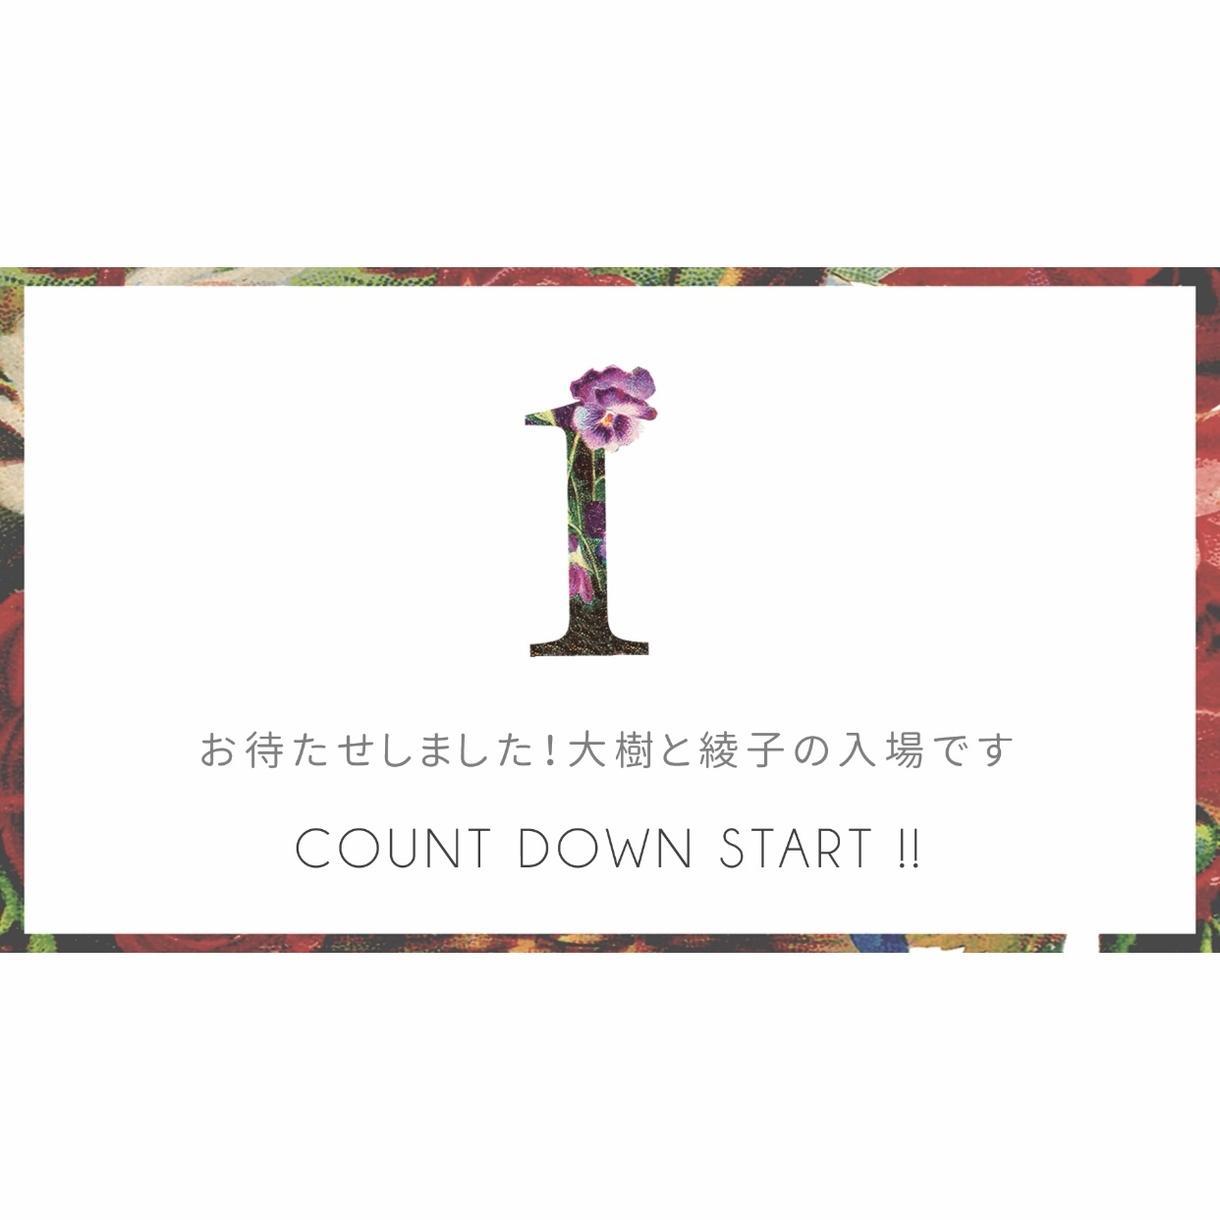 限定5枠&特別価格!オープニングムービー作ります プロ品質★お花で溢れたオシャレなウェディングムービー♡